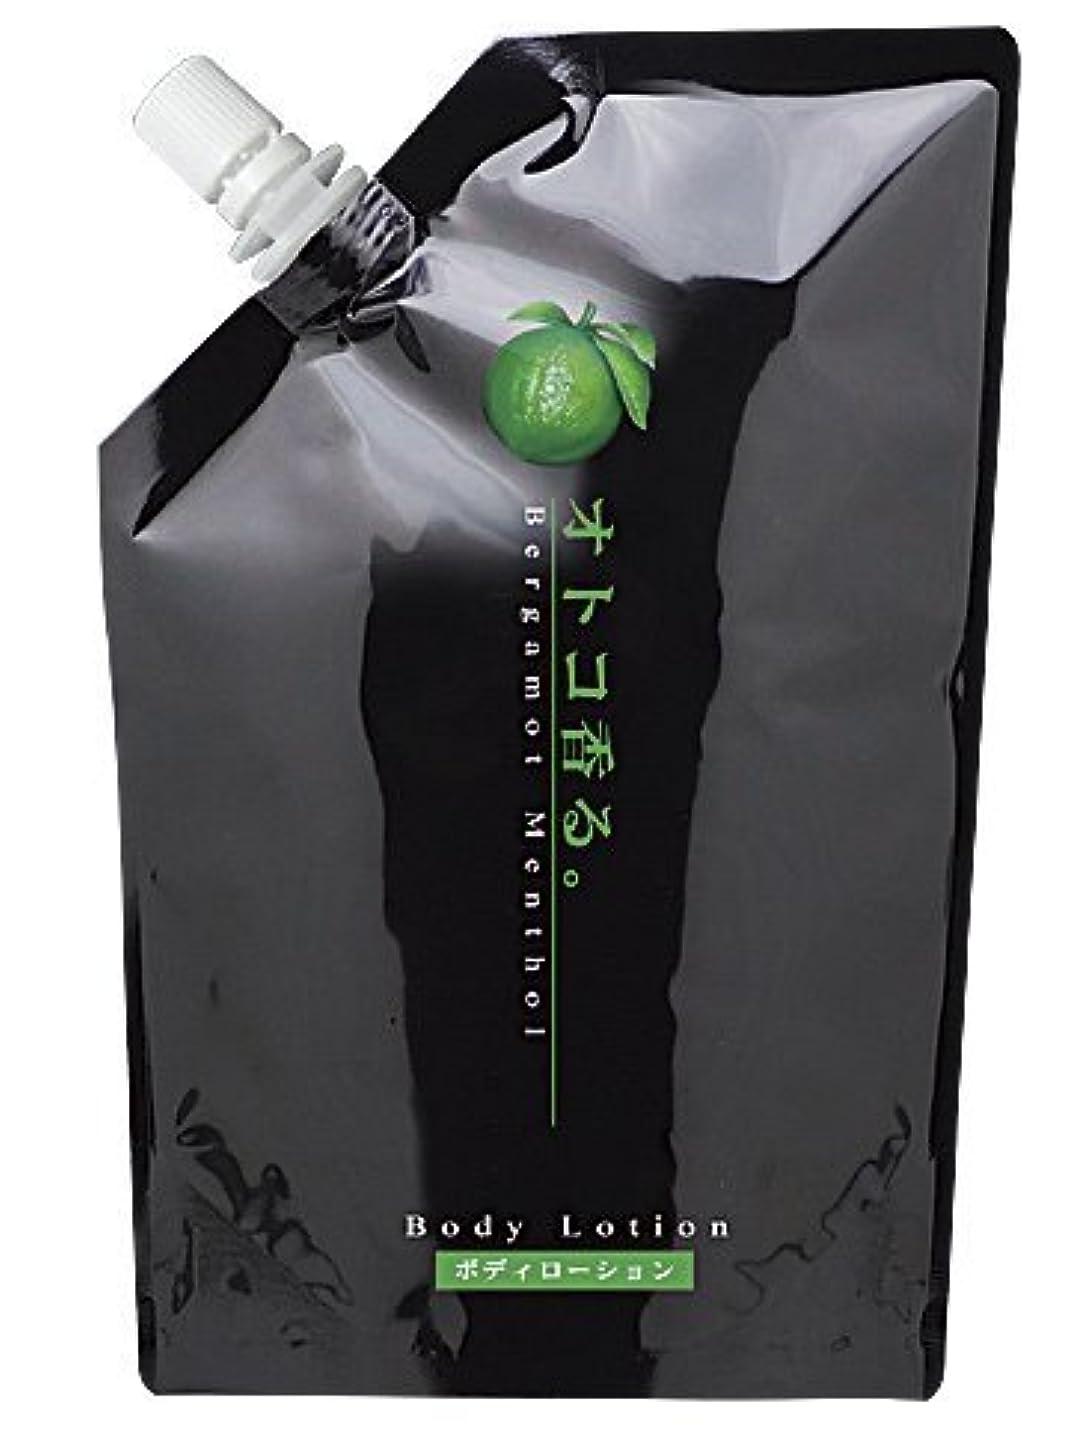 ニュージーランド最後のピニオンkracie(クラシエ) オトコ香る ボディローション ベルガモットの香り 微香性 業務用 家庭様向け 500ml 補充サイズ